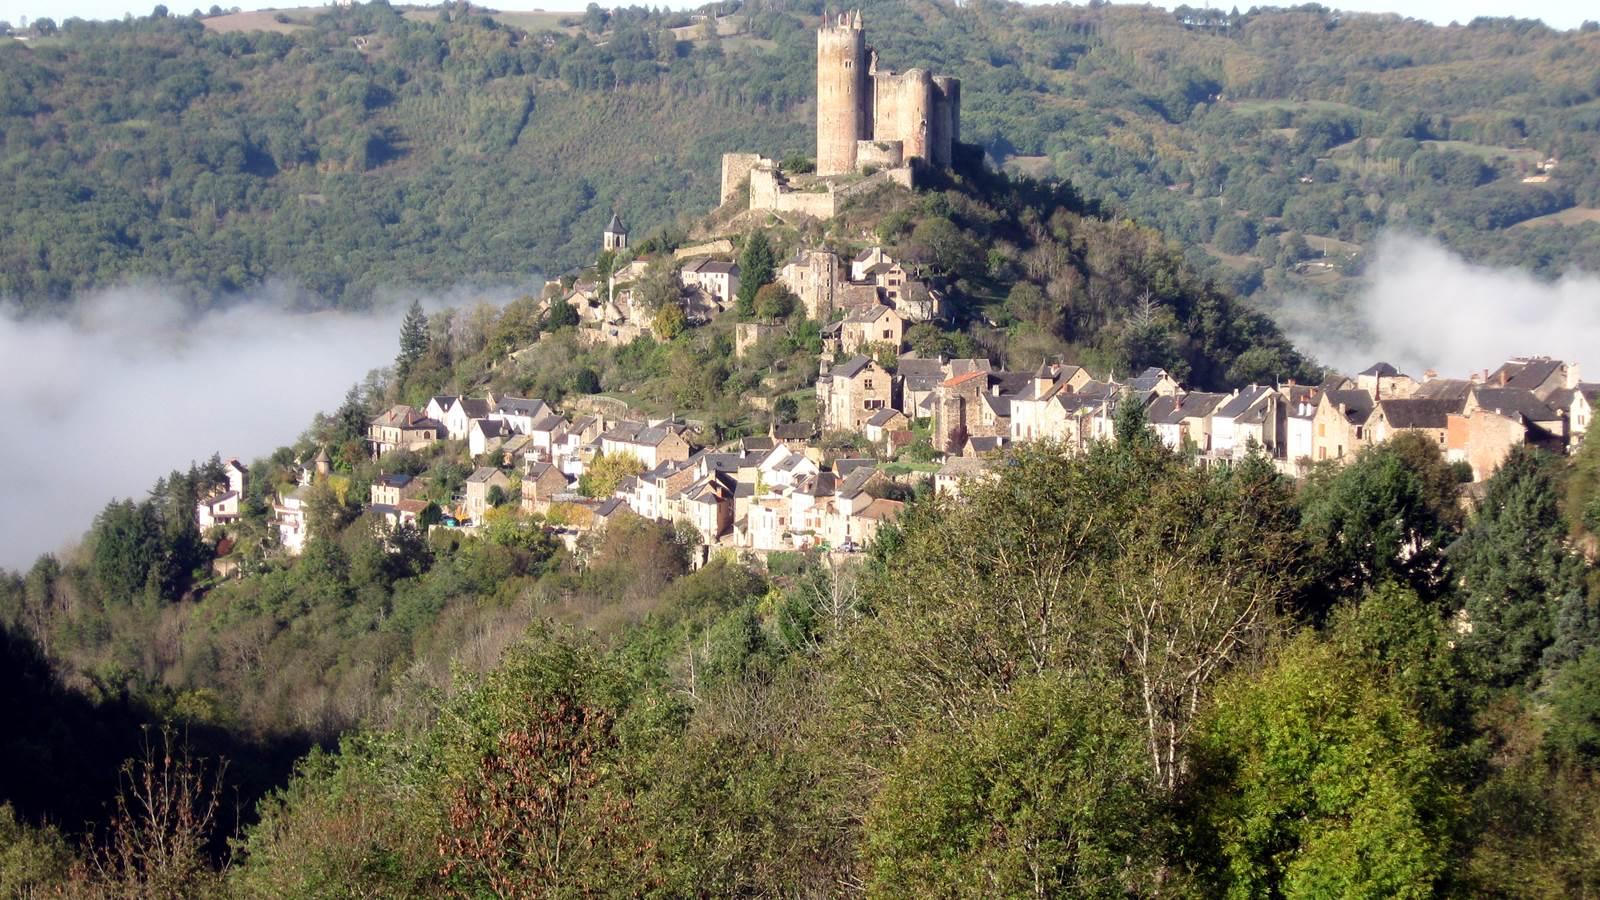 Les bastides du Rouergue : Najac, Villefranche-de-Rouergue, Villeneuve-d'Aveyron...